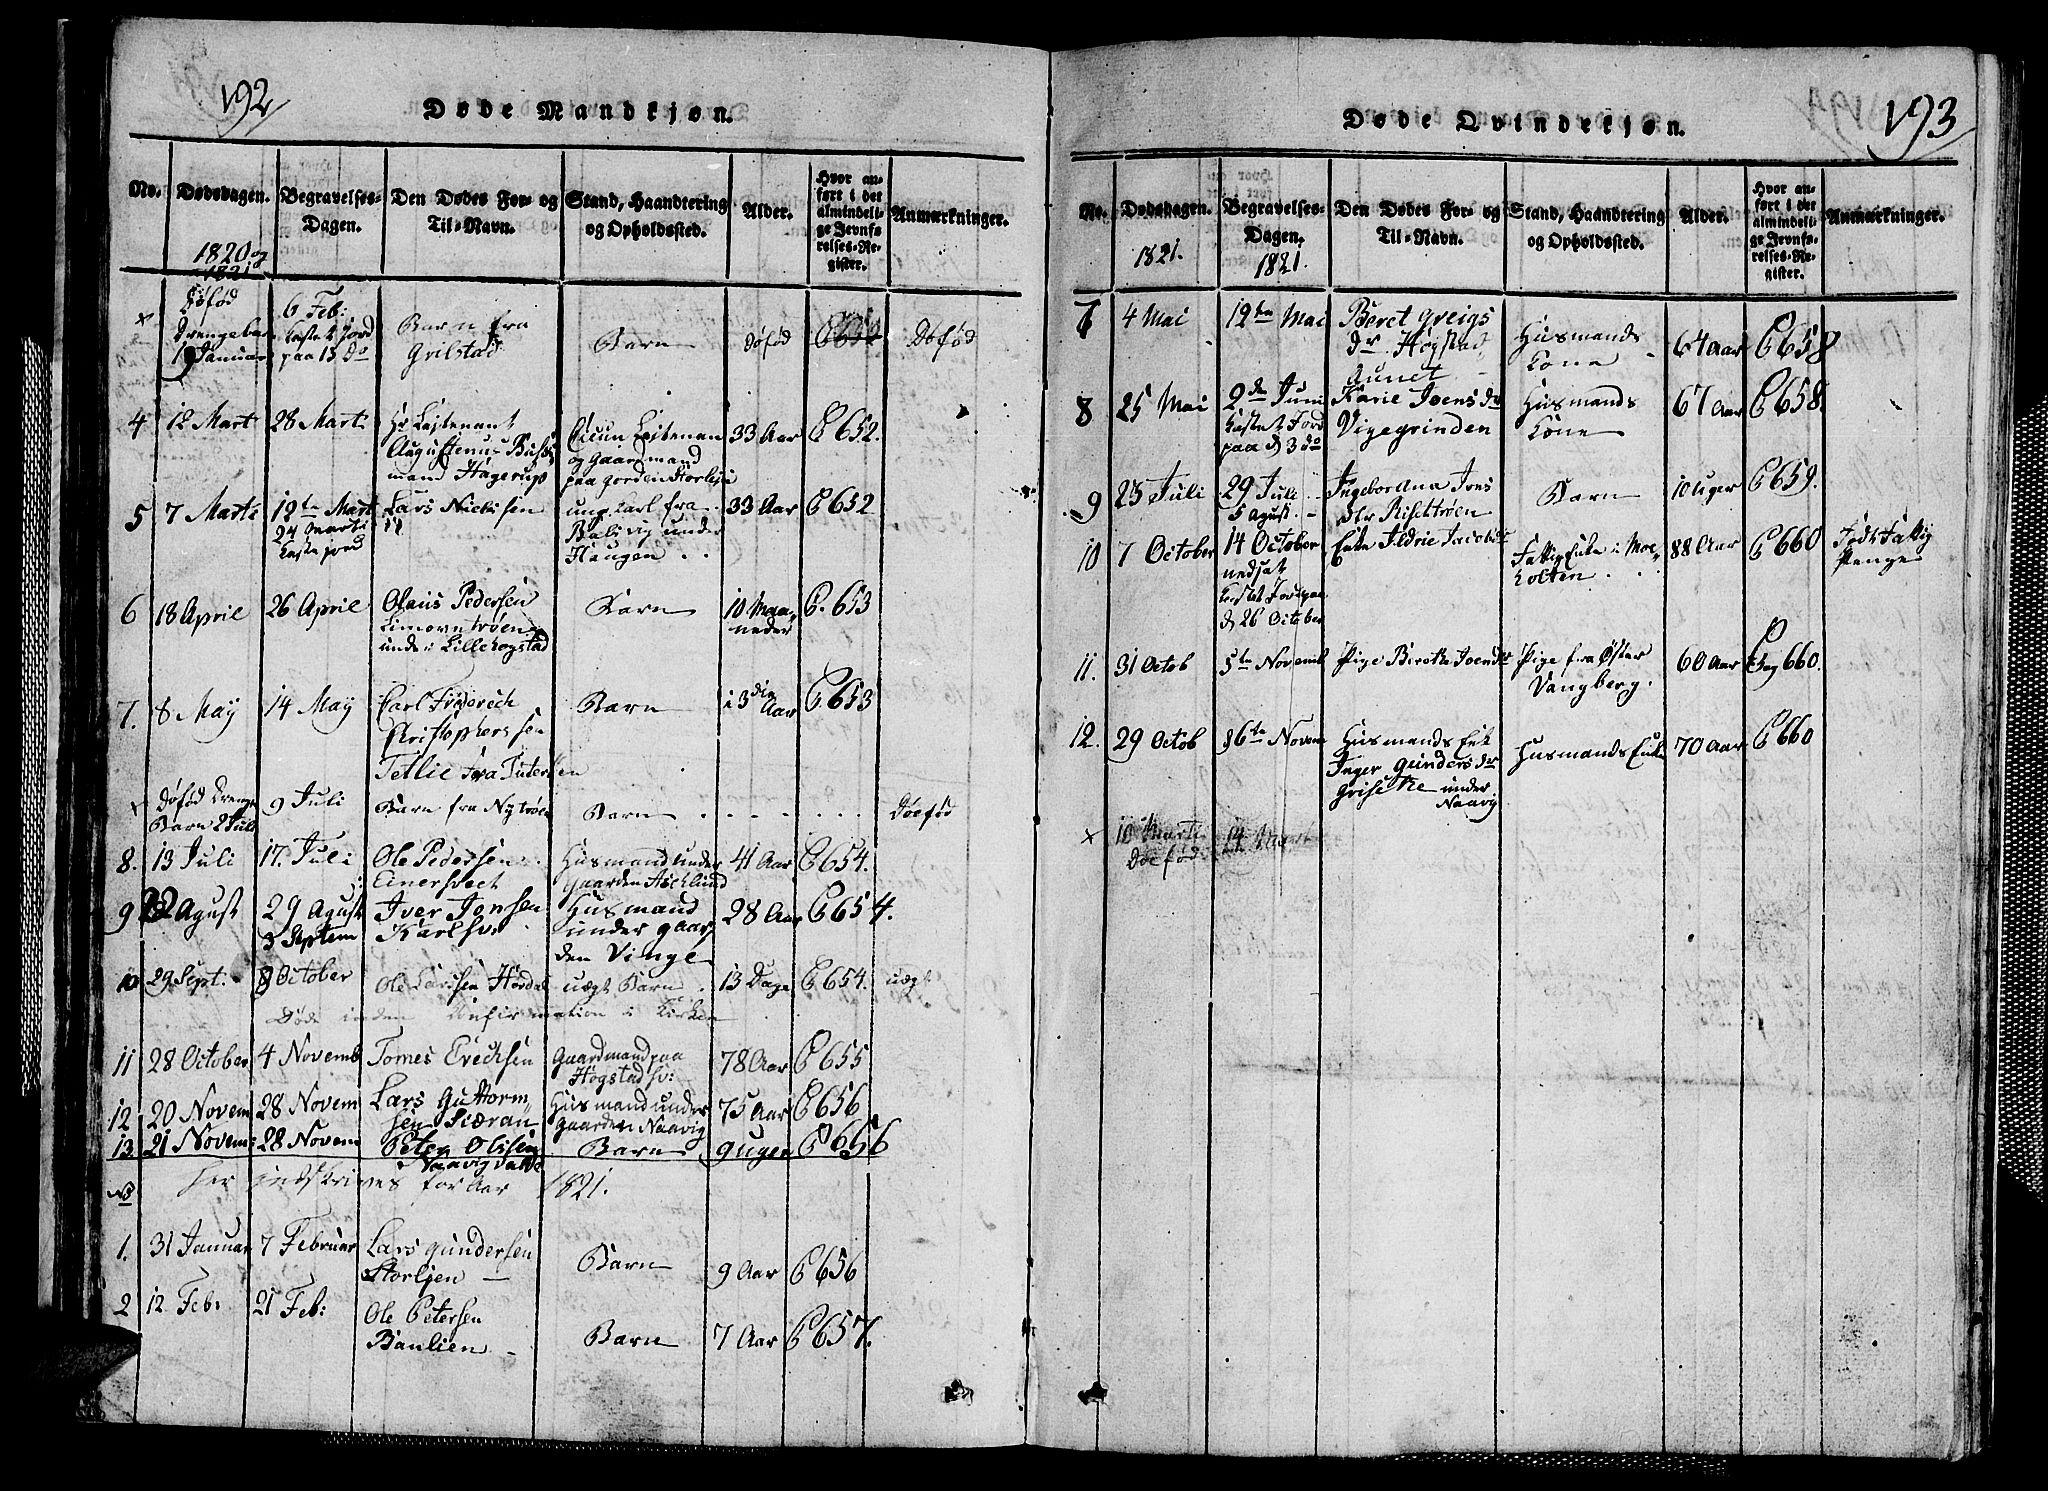 SAT, Ministerialprotokoller, klokkerbøker og fødselsregistre - Nord-Trøndelag, 713/L0124: Klokkerbok nr. 713C01, 1817-1827, s. 192-193